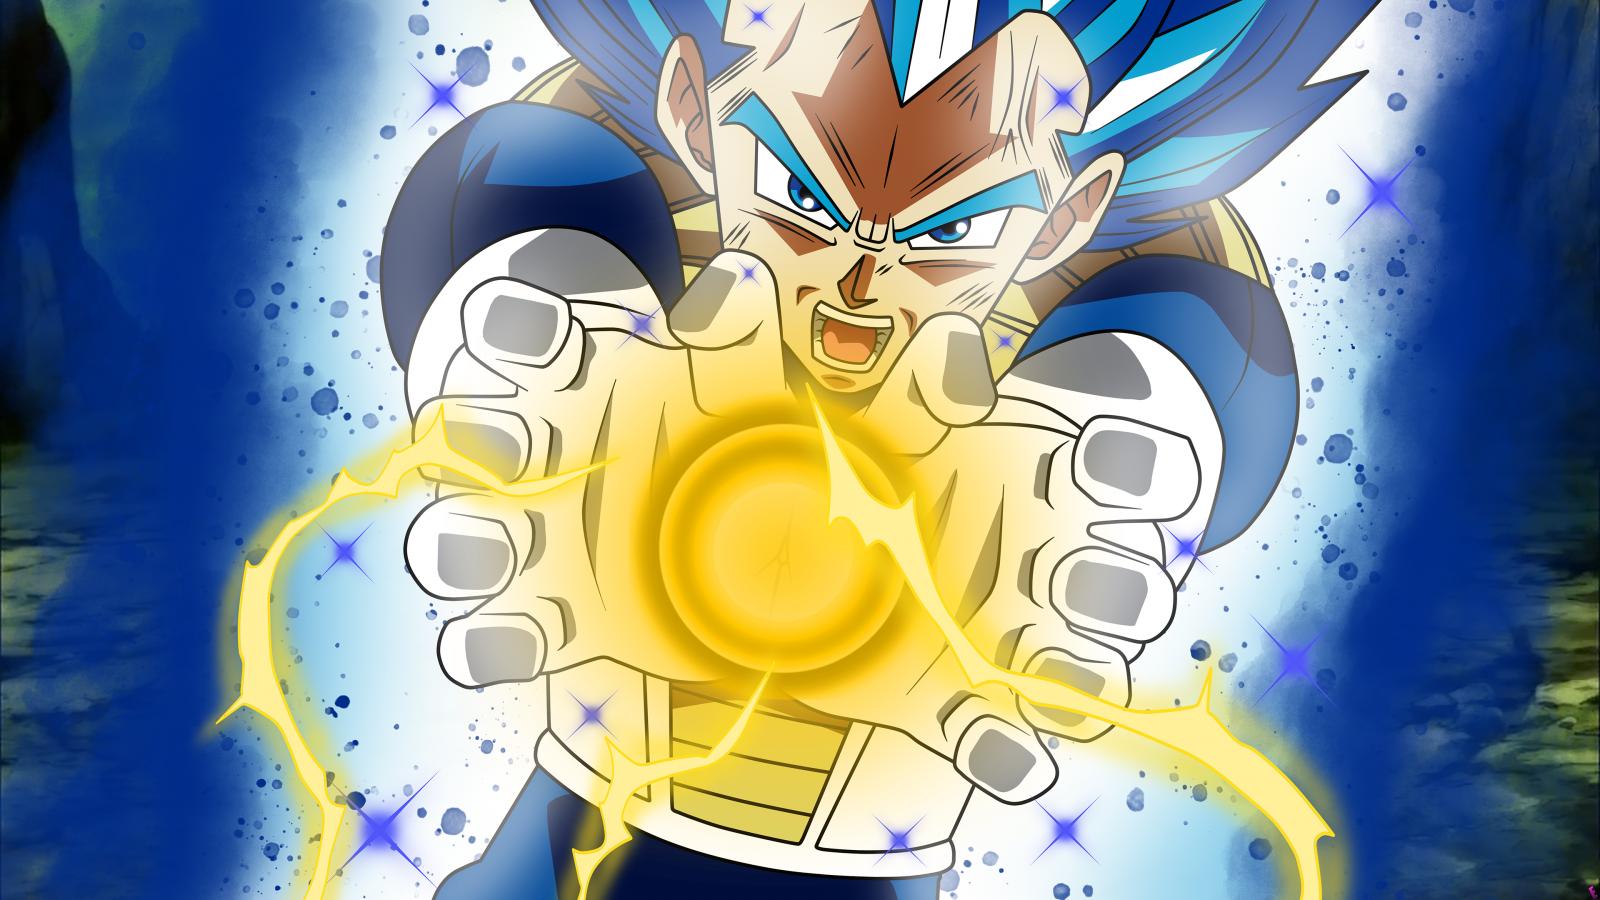 Fond Décran Végéta Dragon Ball Super Saiyan Blue Dragon Ball